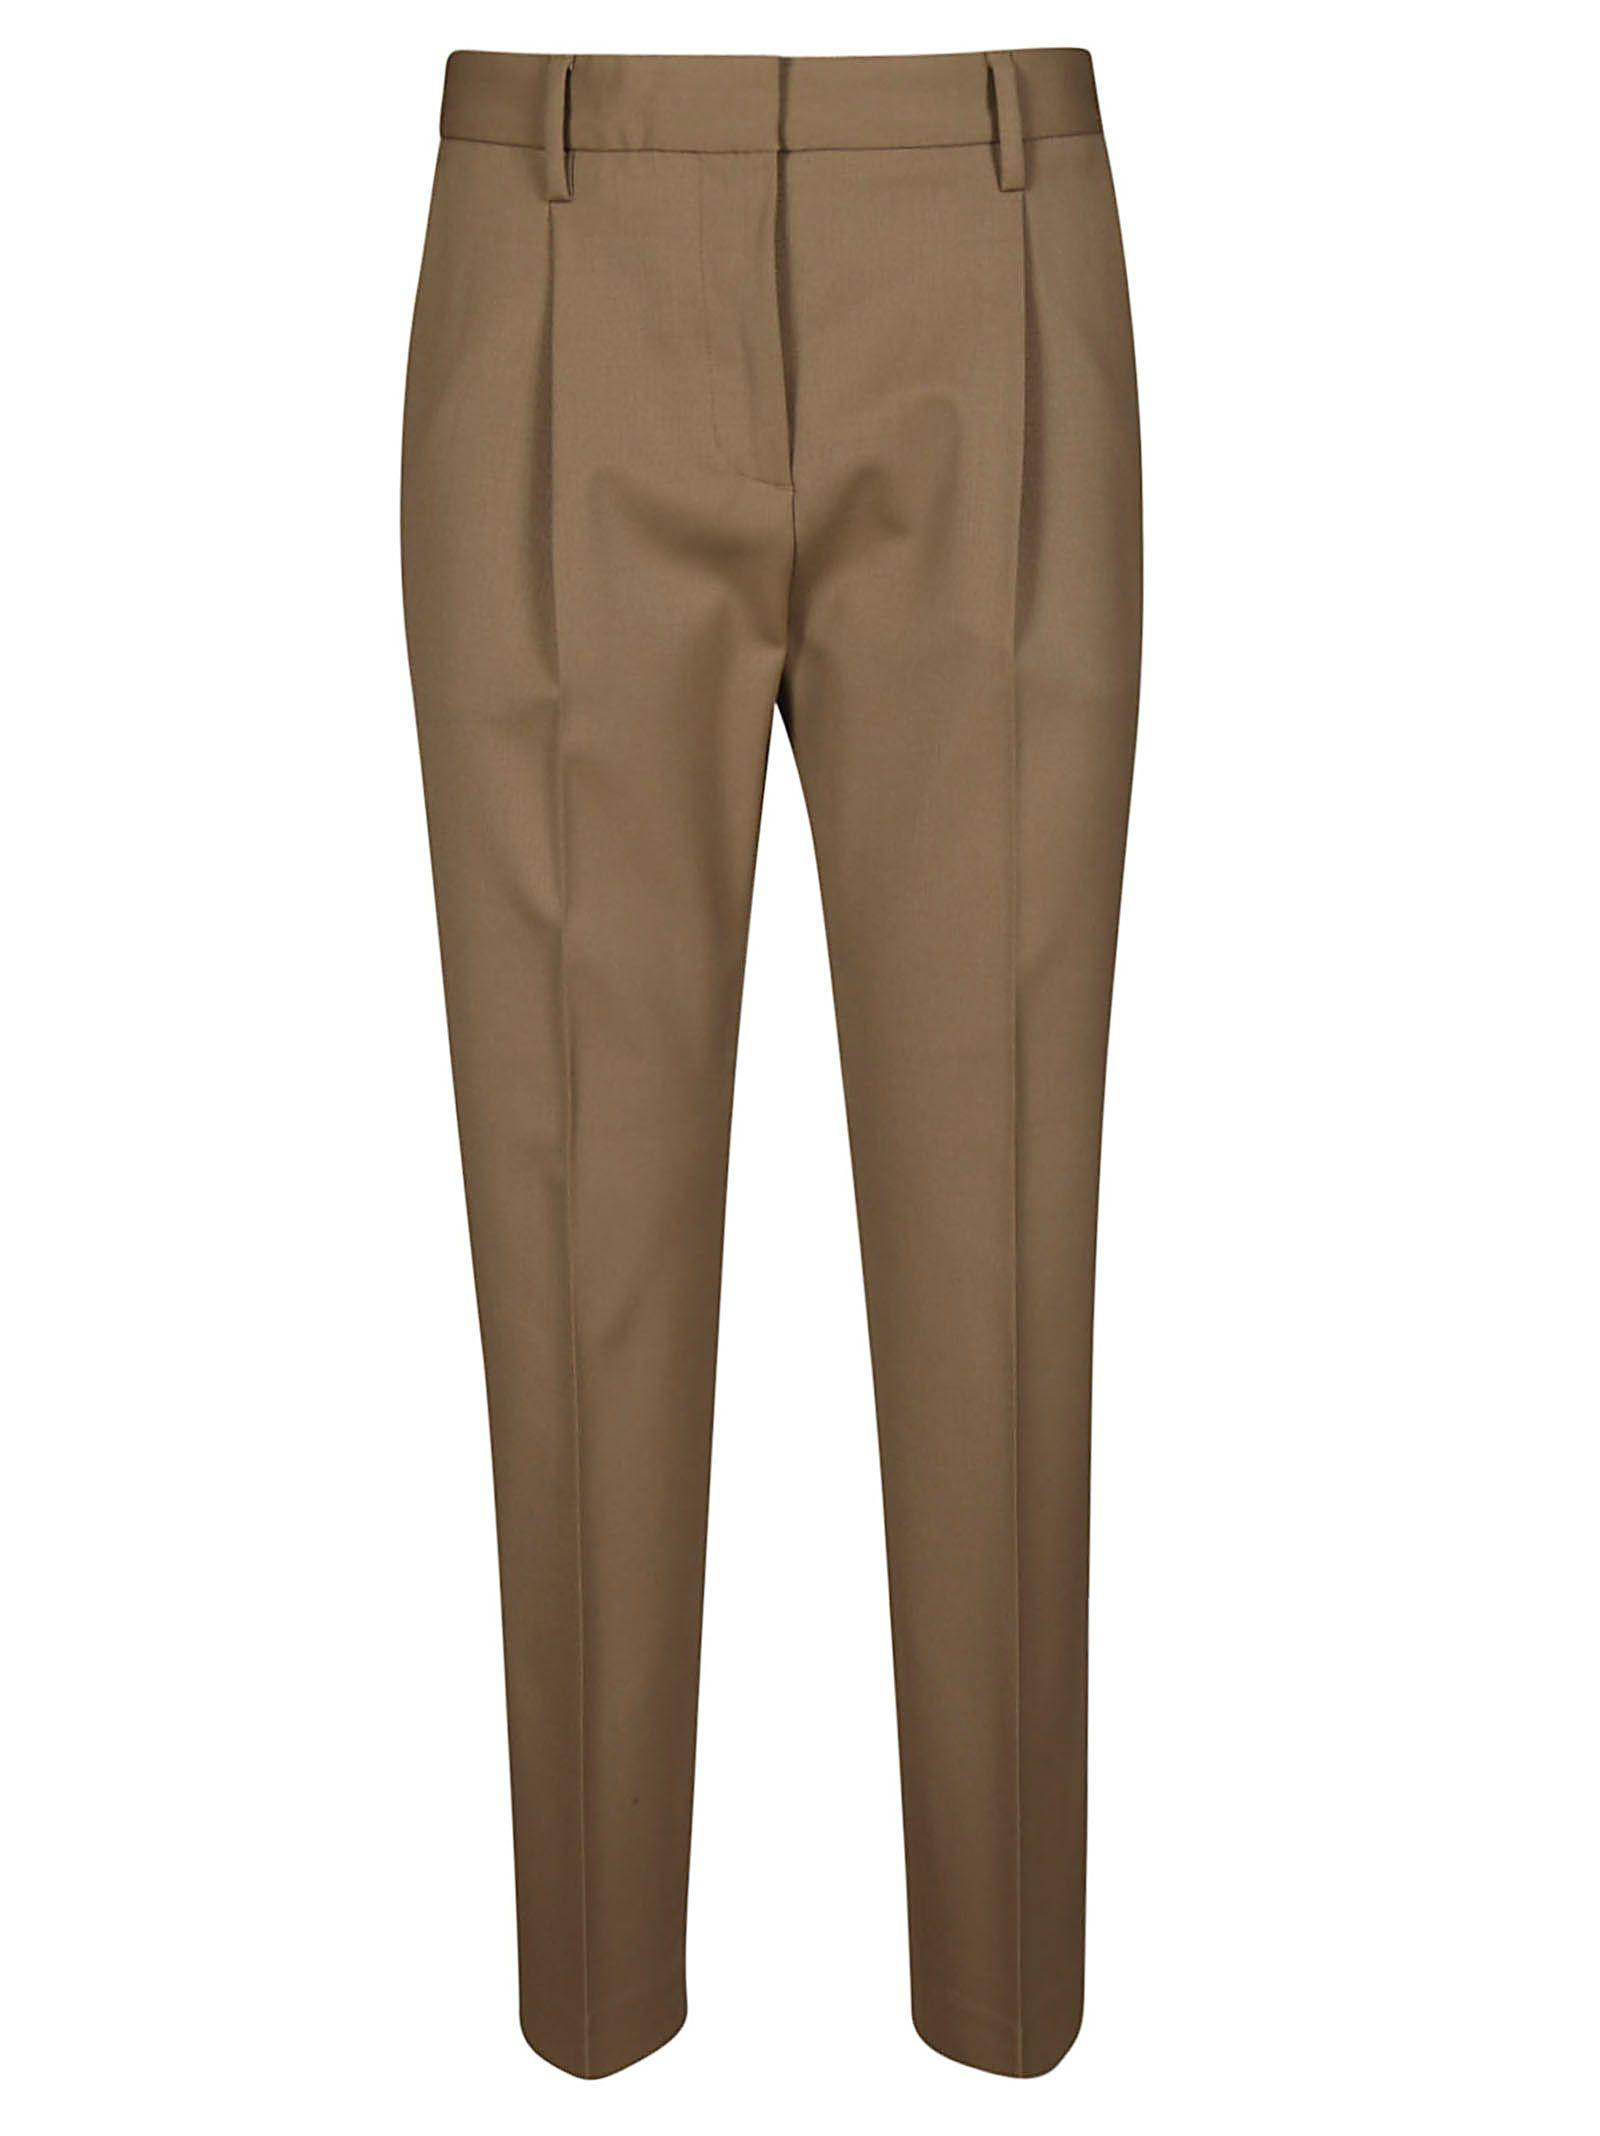 BRAG-WETTE Brag-Wette Classic Trousers in Cammello